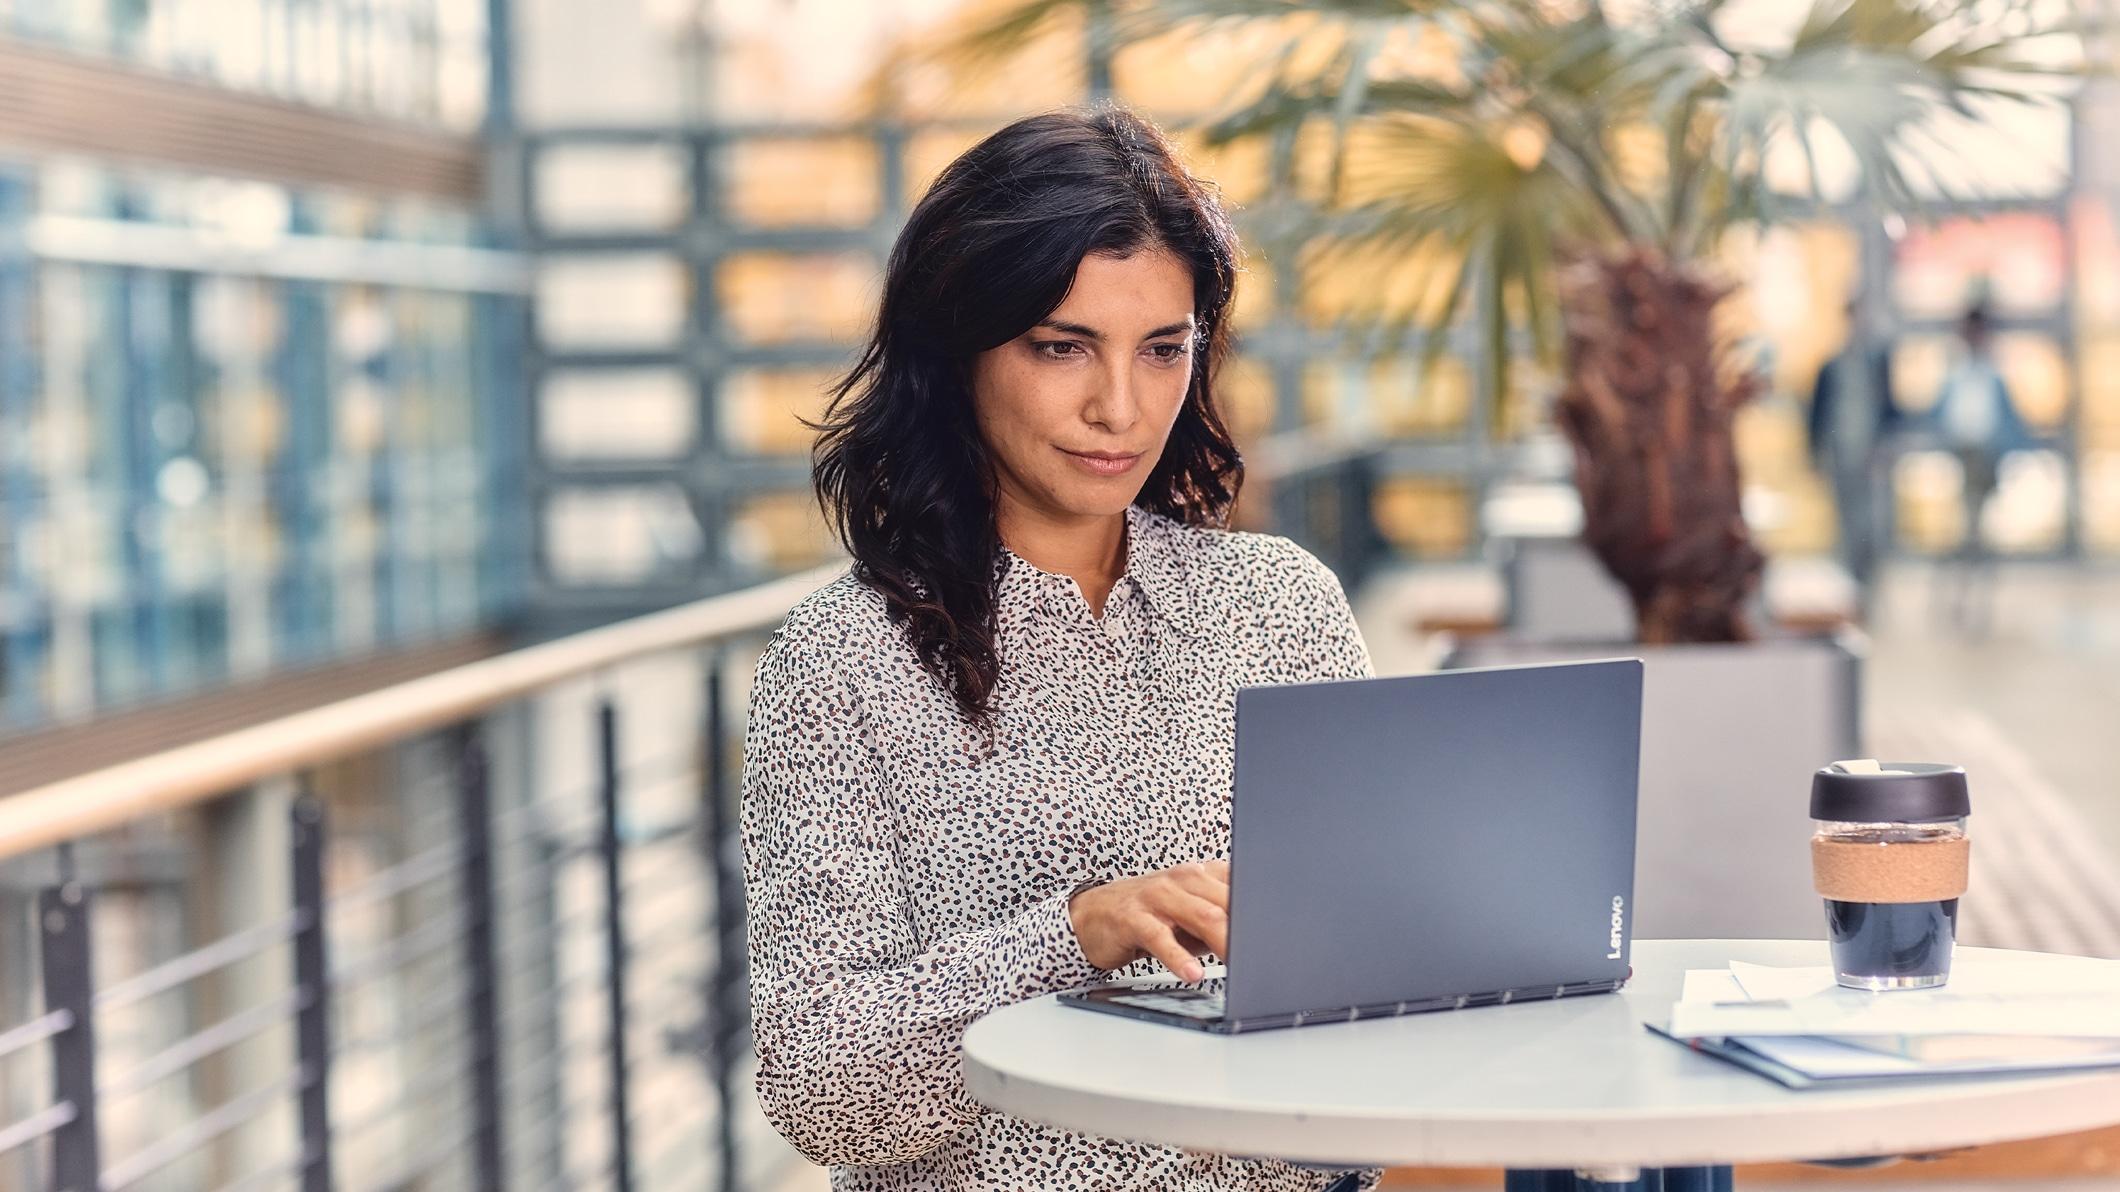 คนใช้แล็ปท็อปขณะดื่มกาแฟที่โต๊ะกลางแจ้ง